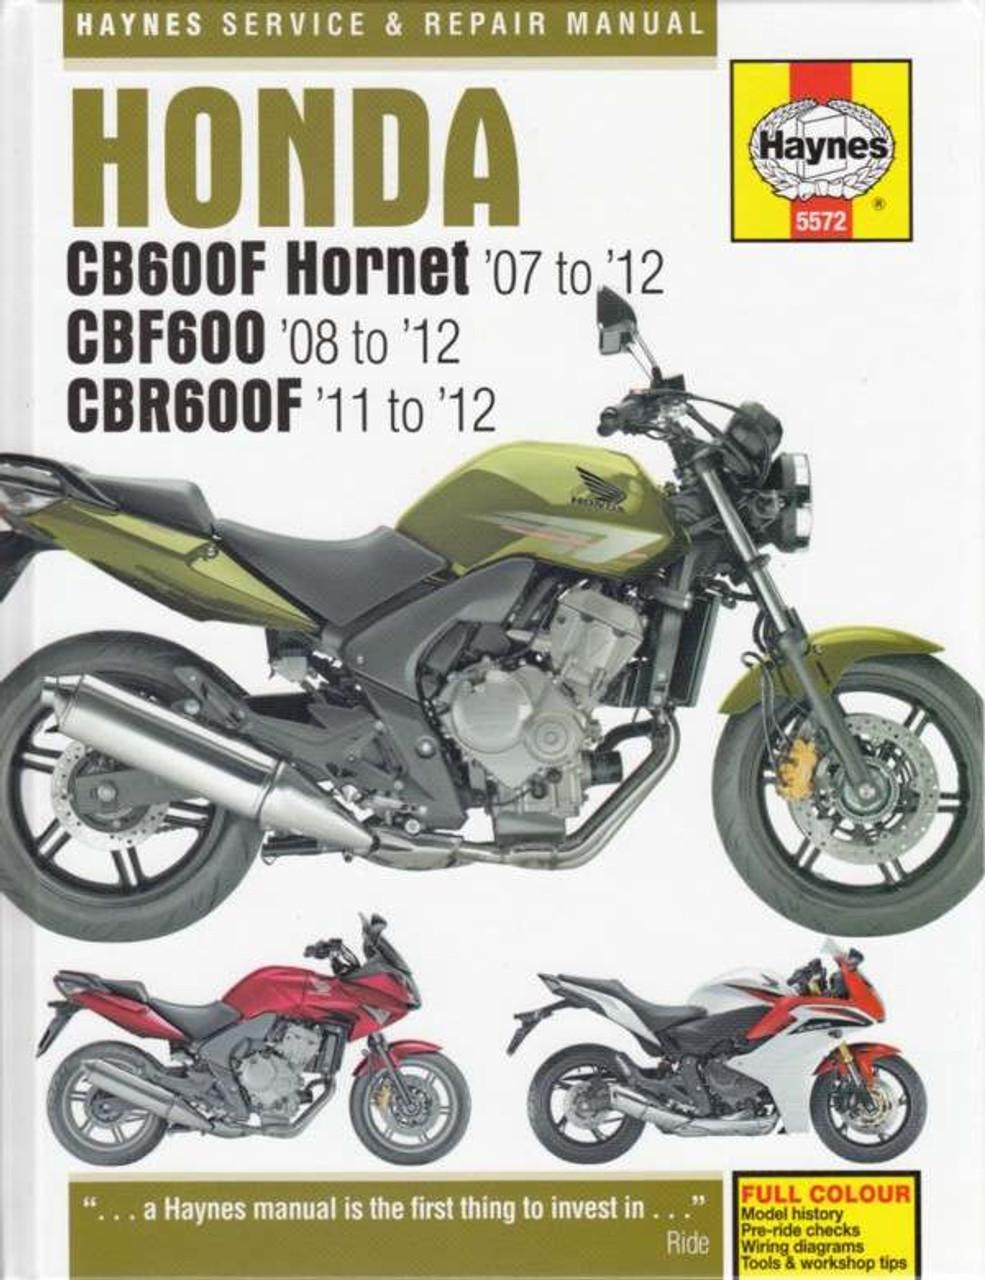 cb600f model information